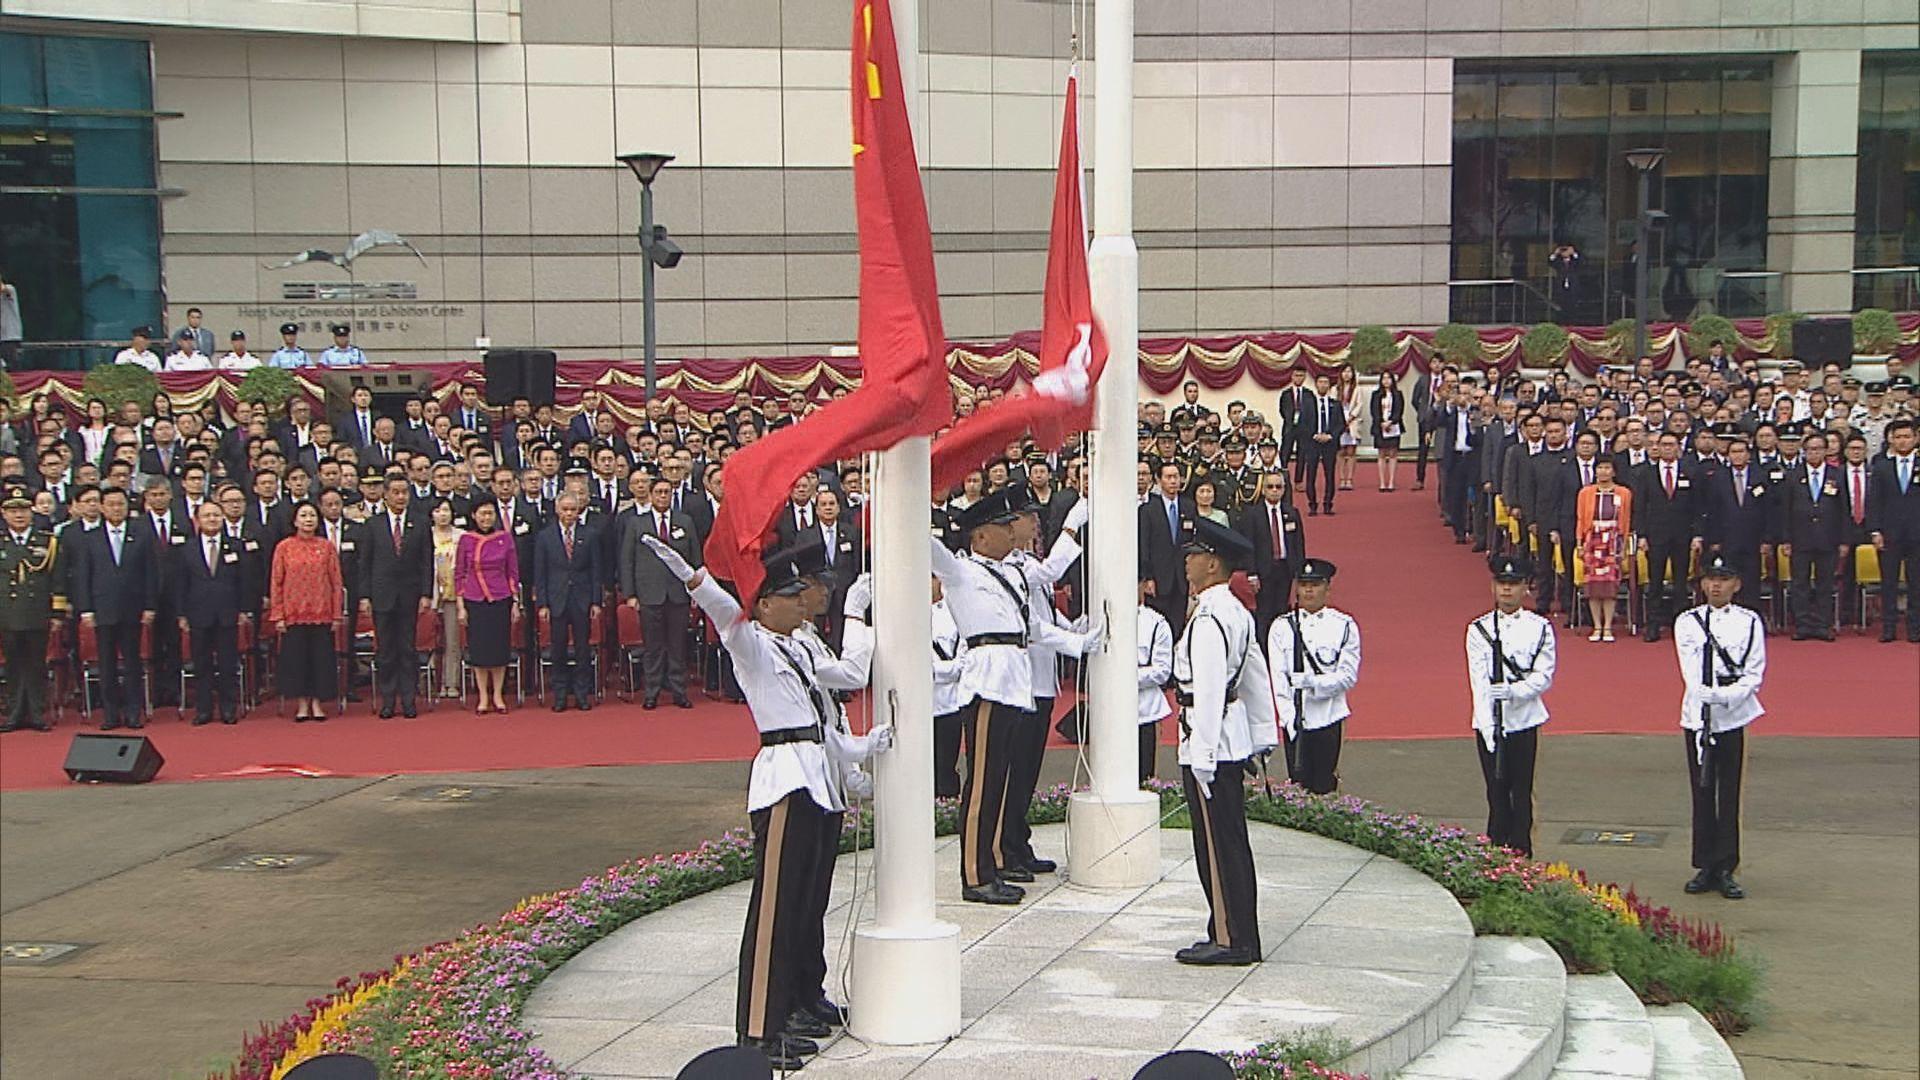 國歌條例刊憲 侮辱國歌最高監禁3年